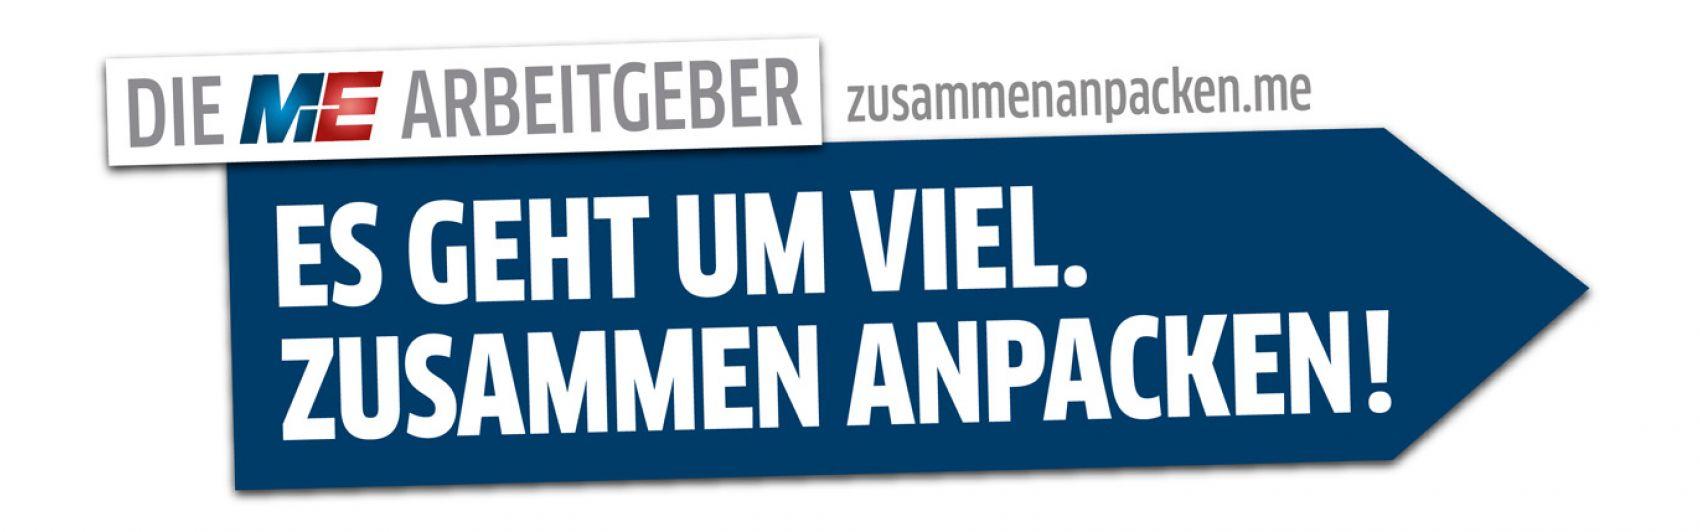 Logo Tarifrunde 2021, ME-Arbeitgeber